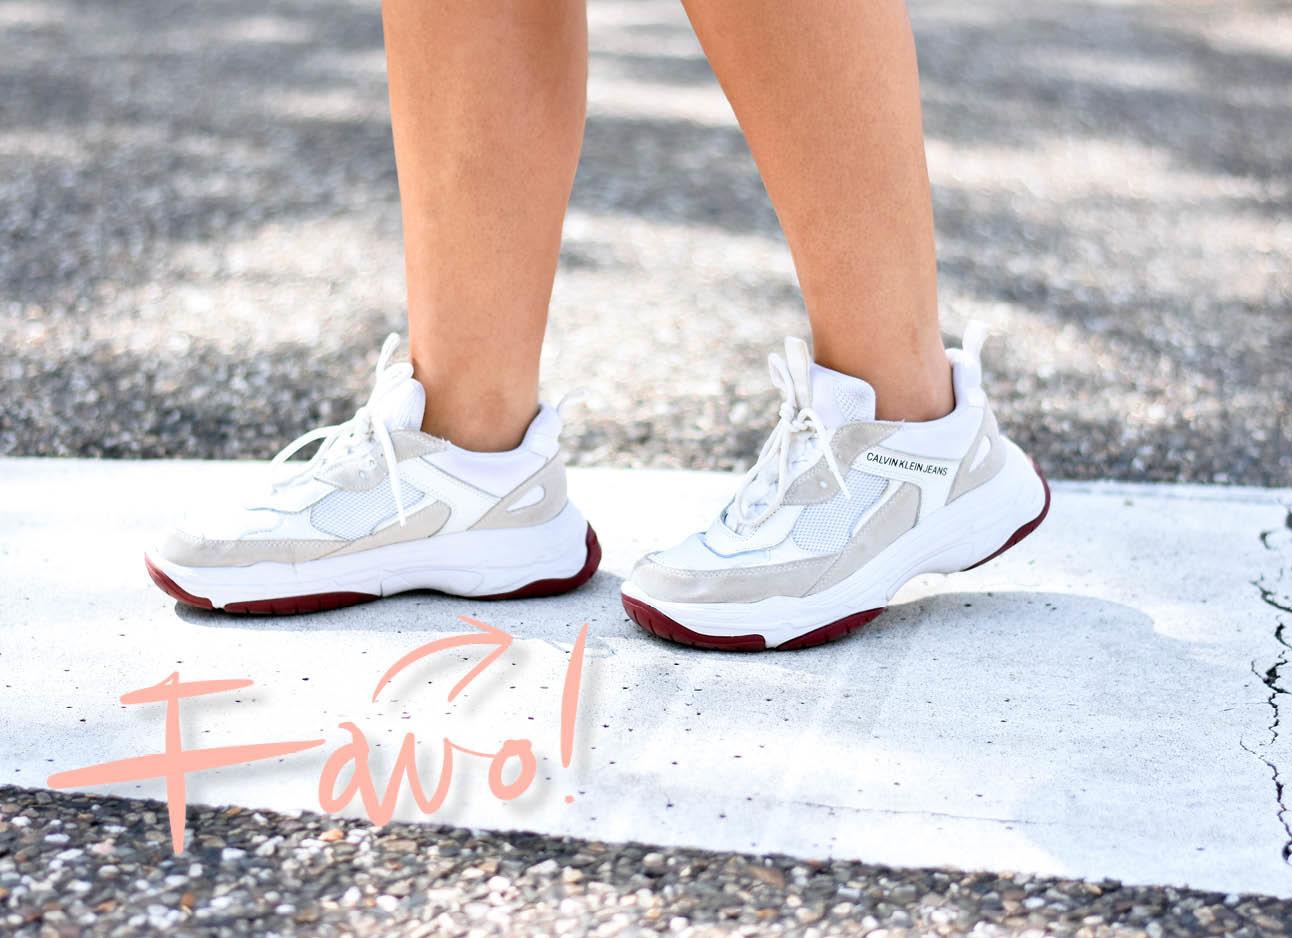 calvin klein sneakers close